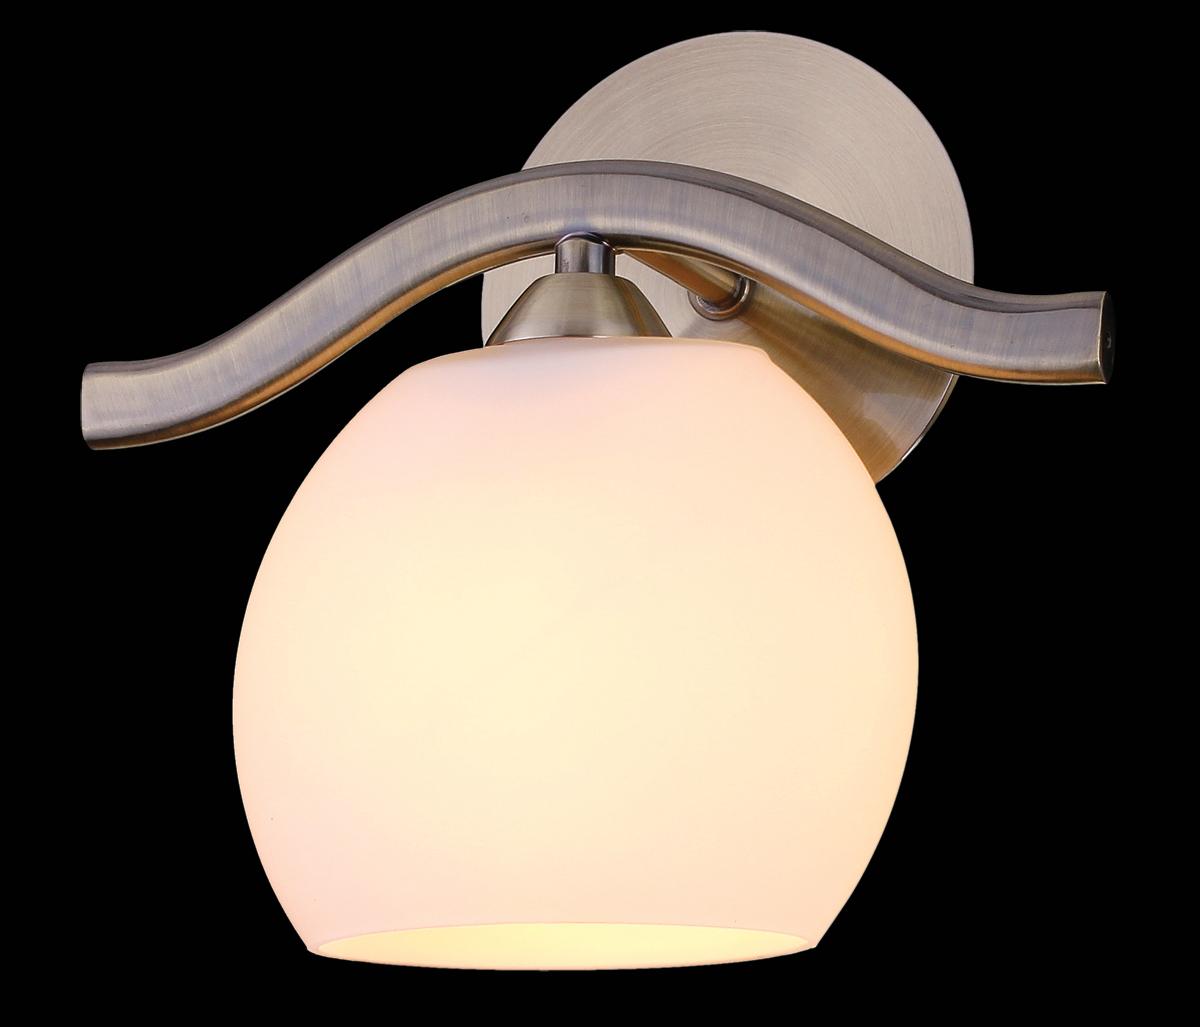 Бра Natali Kovaltseva, цвет: бронза, 1 х E14, 60W. 9210/1W9210/1W ANTIQUEБра Natali Kovaltseva, выполненное в стиле эко, станет украшением вашей комнаты и изысканно дополнит интерьер. Изделие крепится к стене. Такое бра отлично подойдет для освещения кабинета, спальни или гостиной. Бра выполнено из металла с хромированным покрытием и дополнено деревянной вставкой, плафон изготовлен из матового стекла. В коллекциях Natali Kovaltseva представлены разные стили - от классики до хайтека. Дизайн и технологическая составляющая продукции разрабатывается в R&D центре компании, который находится в г. Дюссельдорф, Германия. При производстве продукции используются высококачественные и эксклюзивные материалы: хрусталь ASFOR, муранское стекло, перламутр, 24-каратное золото, бронза. Производство светильников соответствует стандарту системы менеджмента качества ISO 9001-2000. На всю продукцию ТМ Natali Kovaltseva распространяется гарантия.